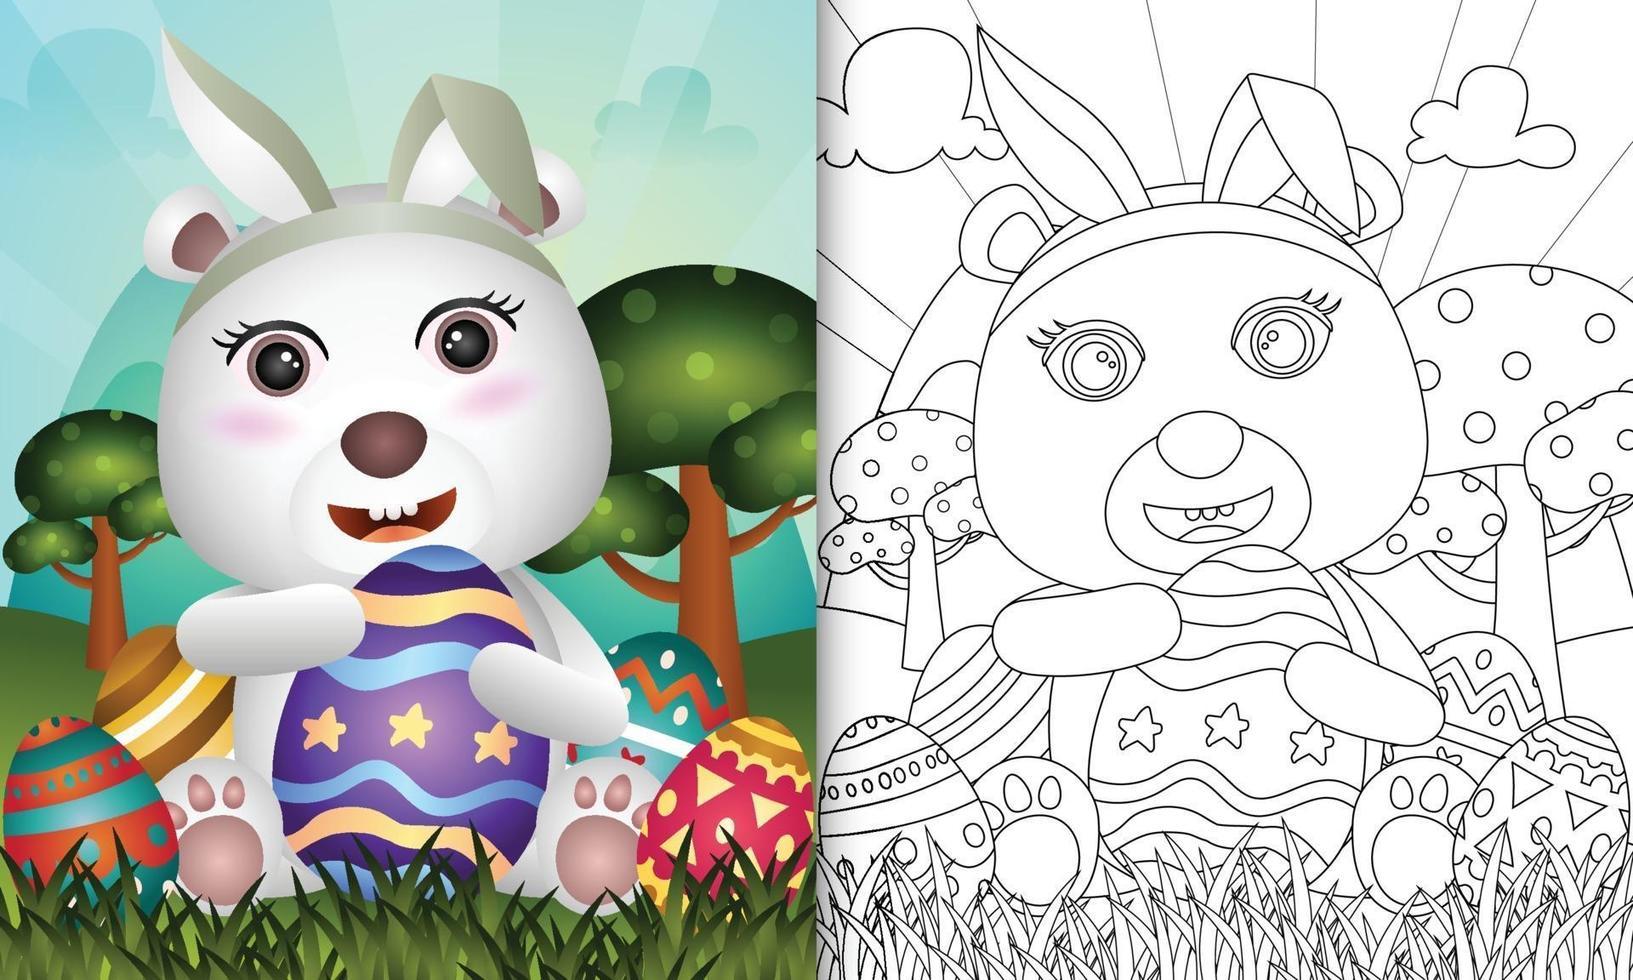 livro de colorir para crianças com o tema Páscoa com um urso polar fofo usando orelhas de coelho vetor